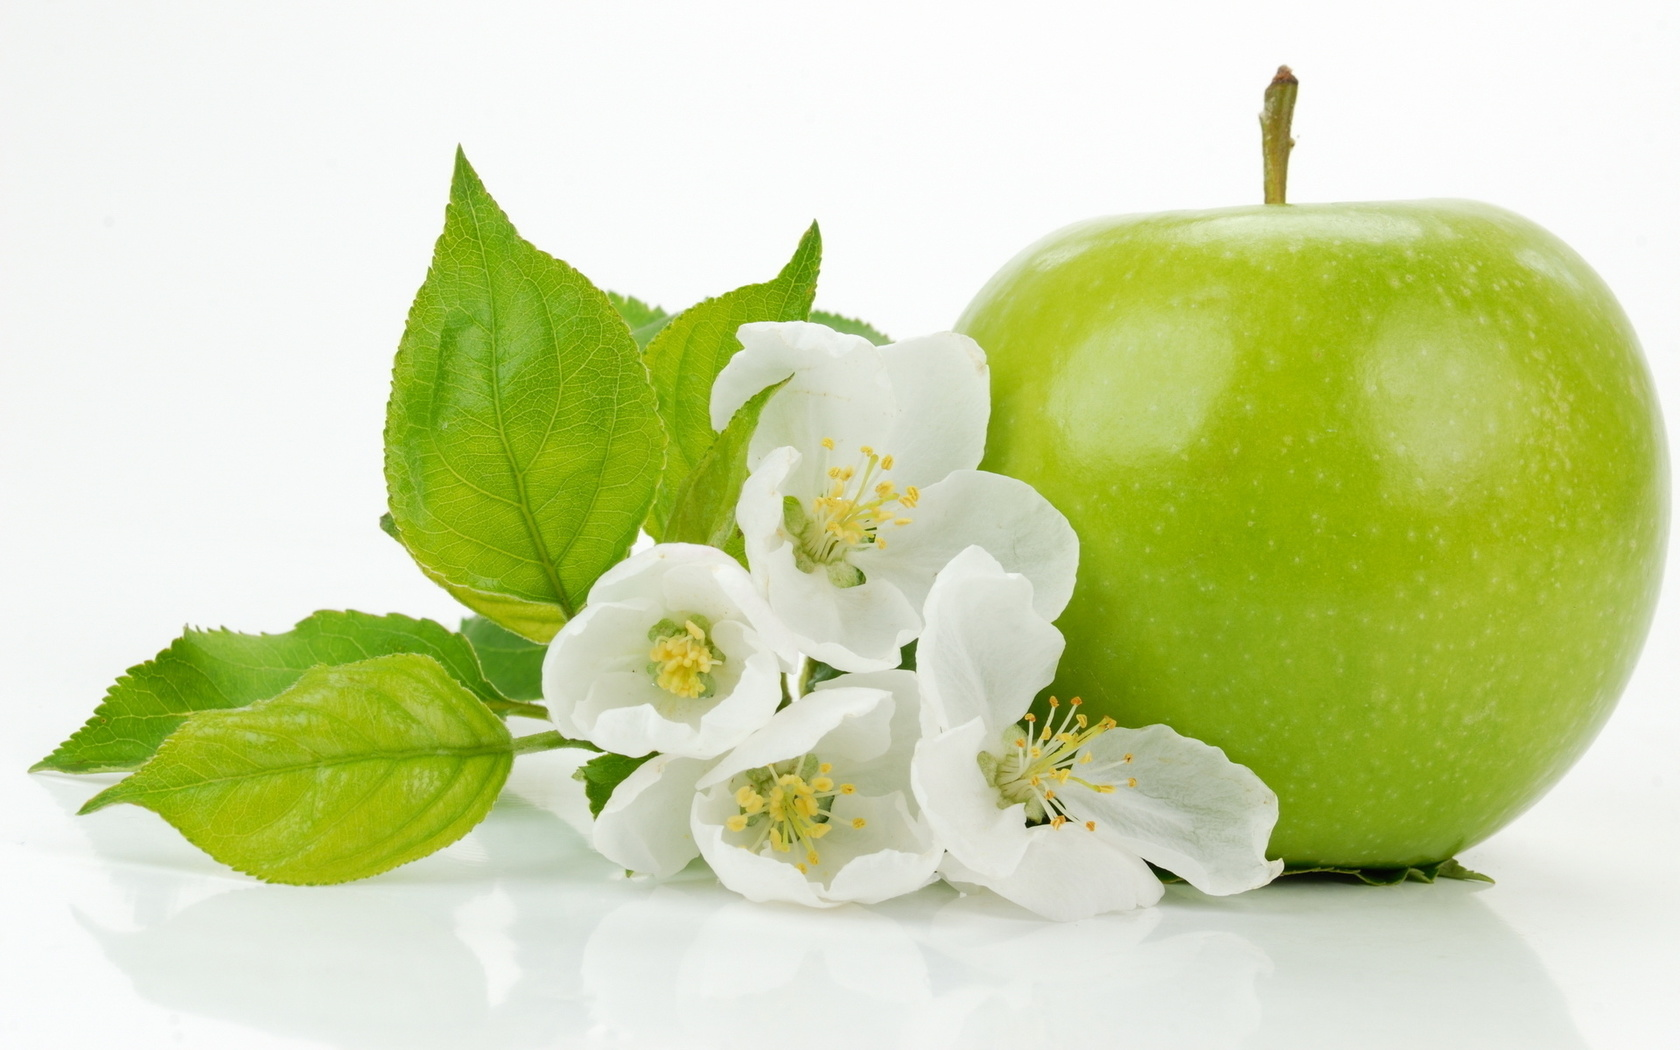 Яблоко, листочки, цветы